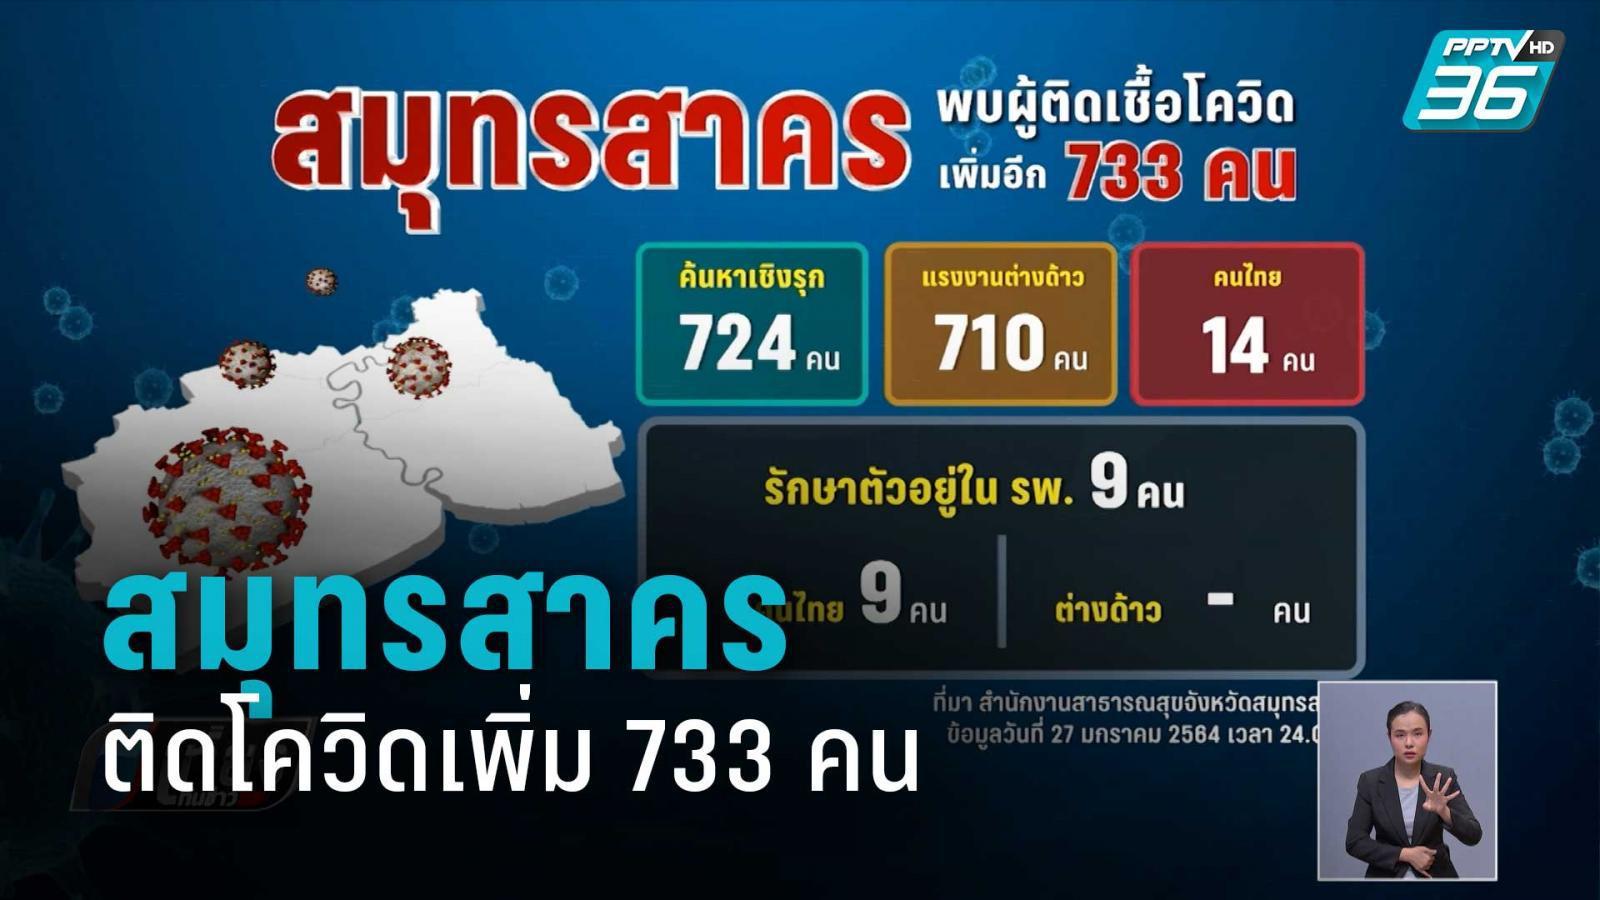 สมุทรสาครพบติดโควิดเพิ่ม 733 คน